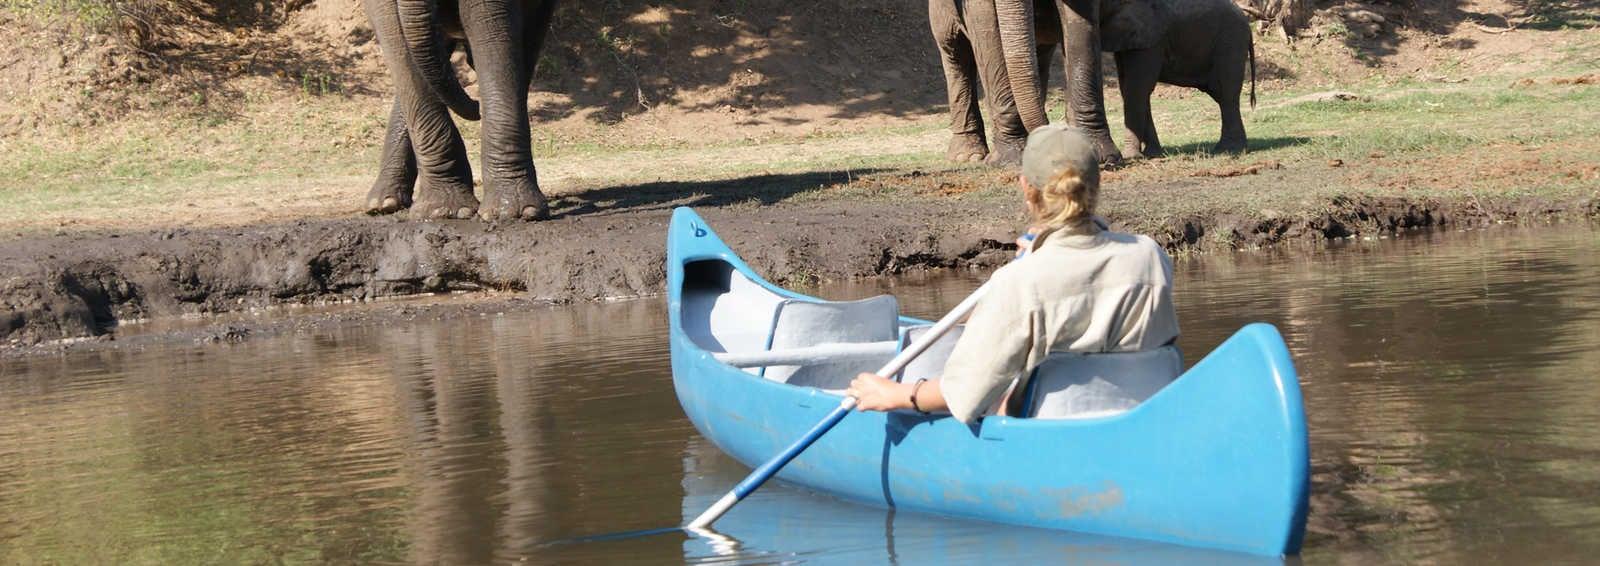 Canoeing on the Zambezi River